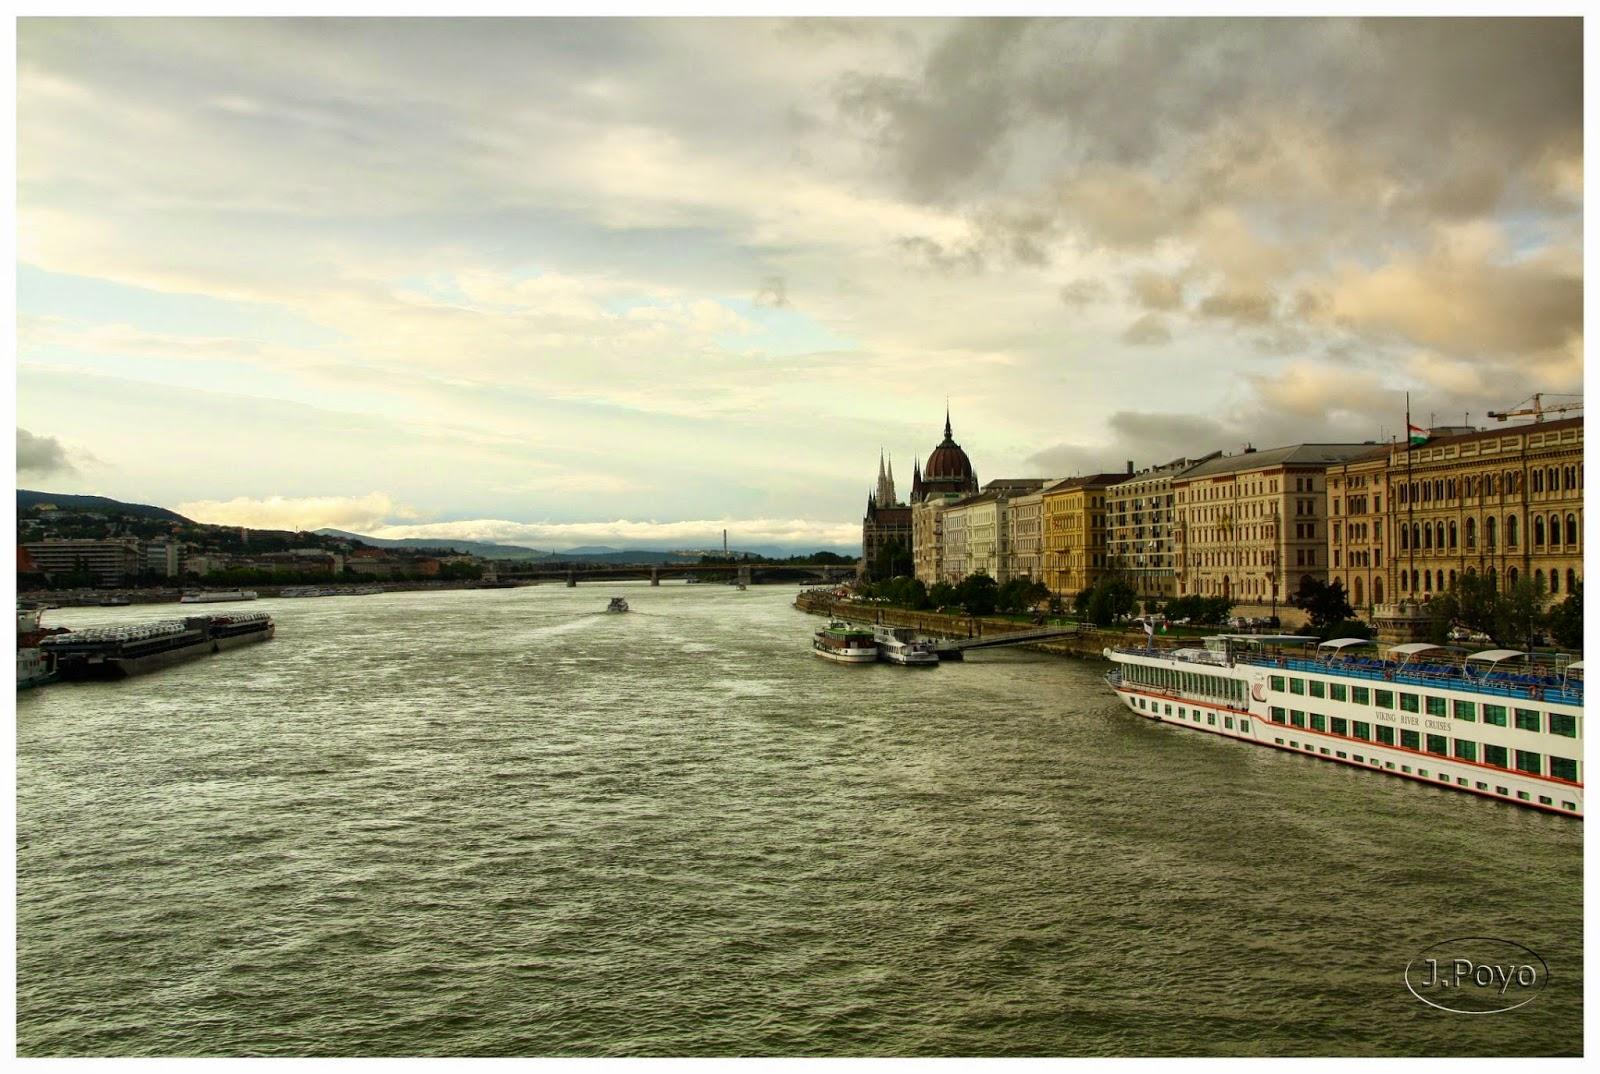 Budapest, dos ciudades separadas por el Danuvio: Buda y Pest